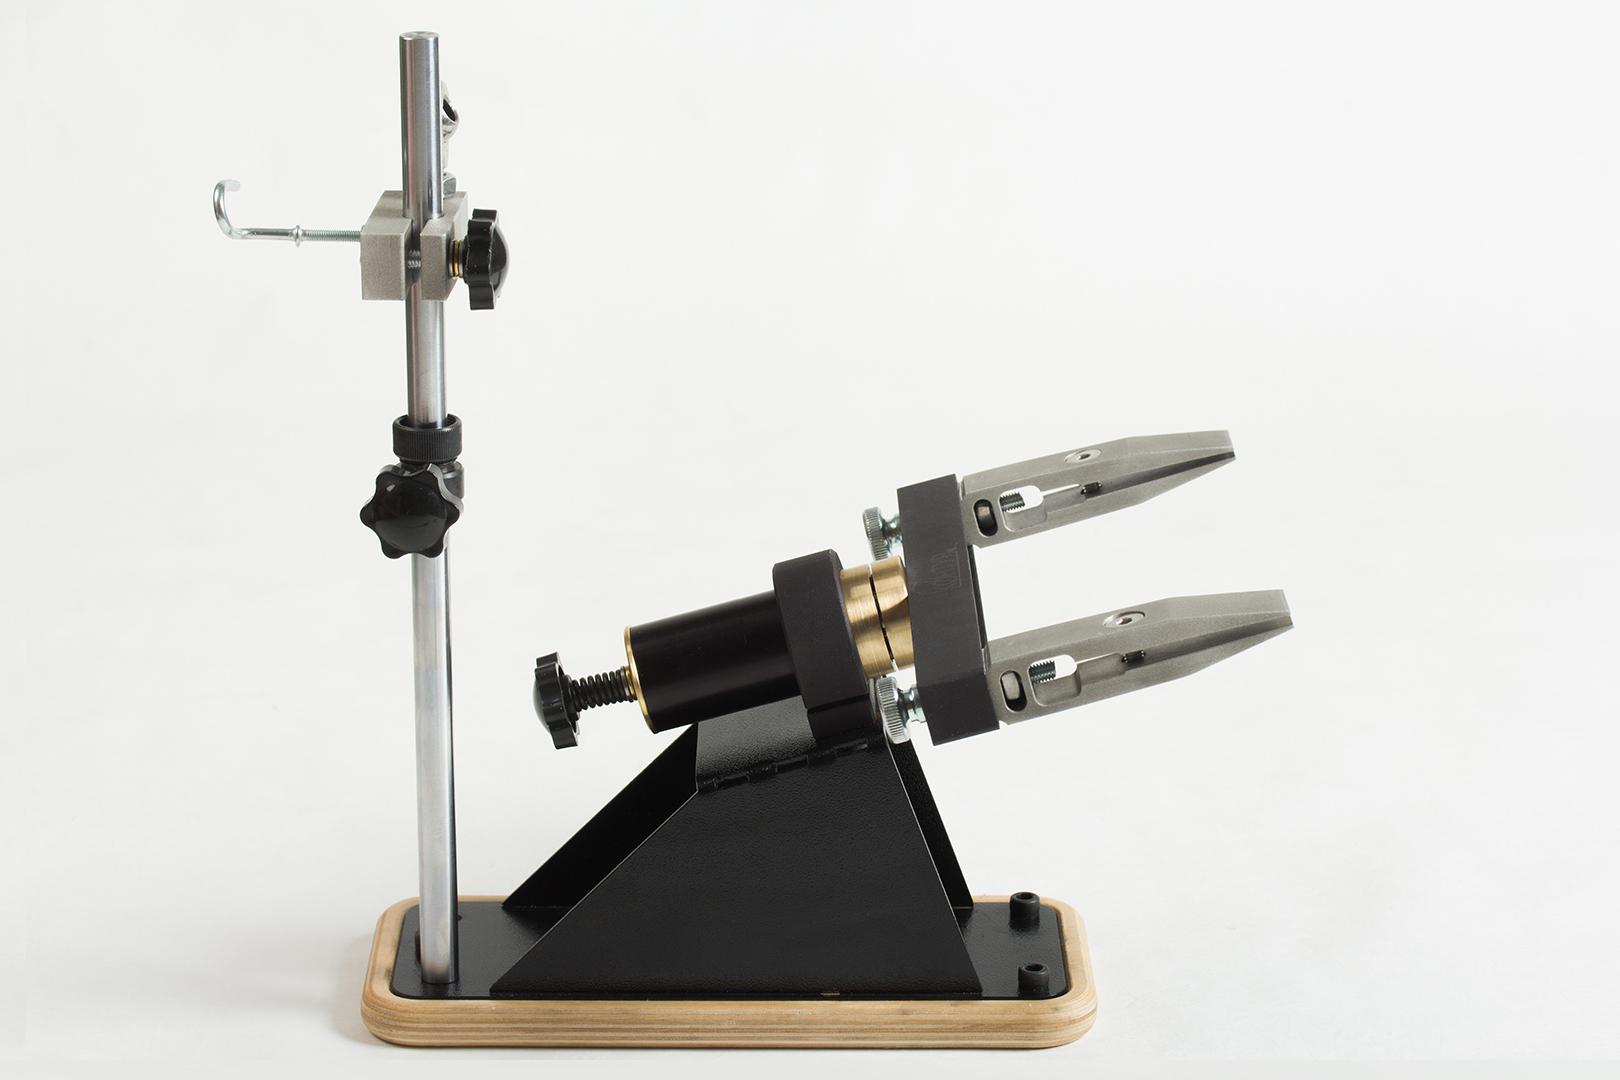 Как выбрать лучший станок для заточки ножей: виды, критерии подбора, обзор 8 популярных ручных и электрических моделей, их плюсы и минусы